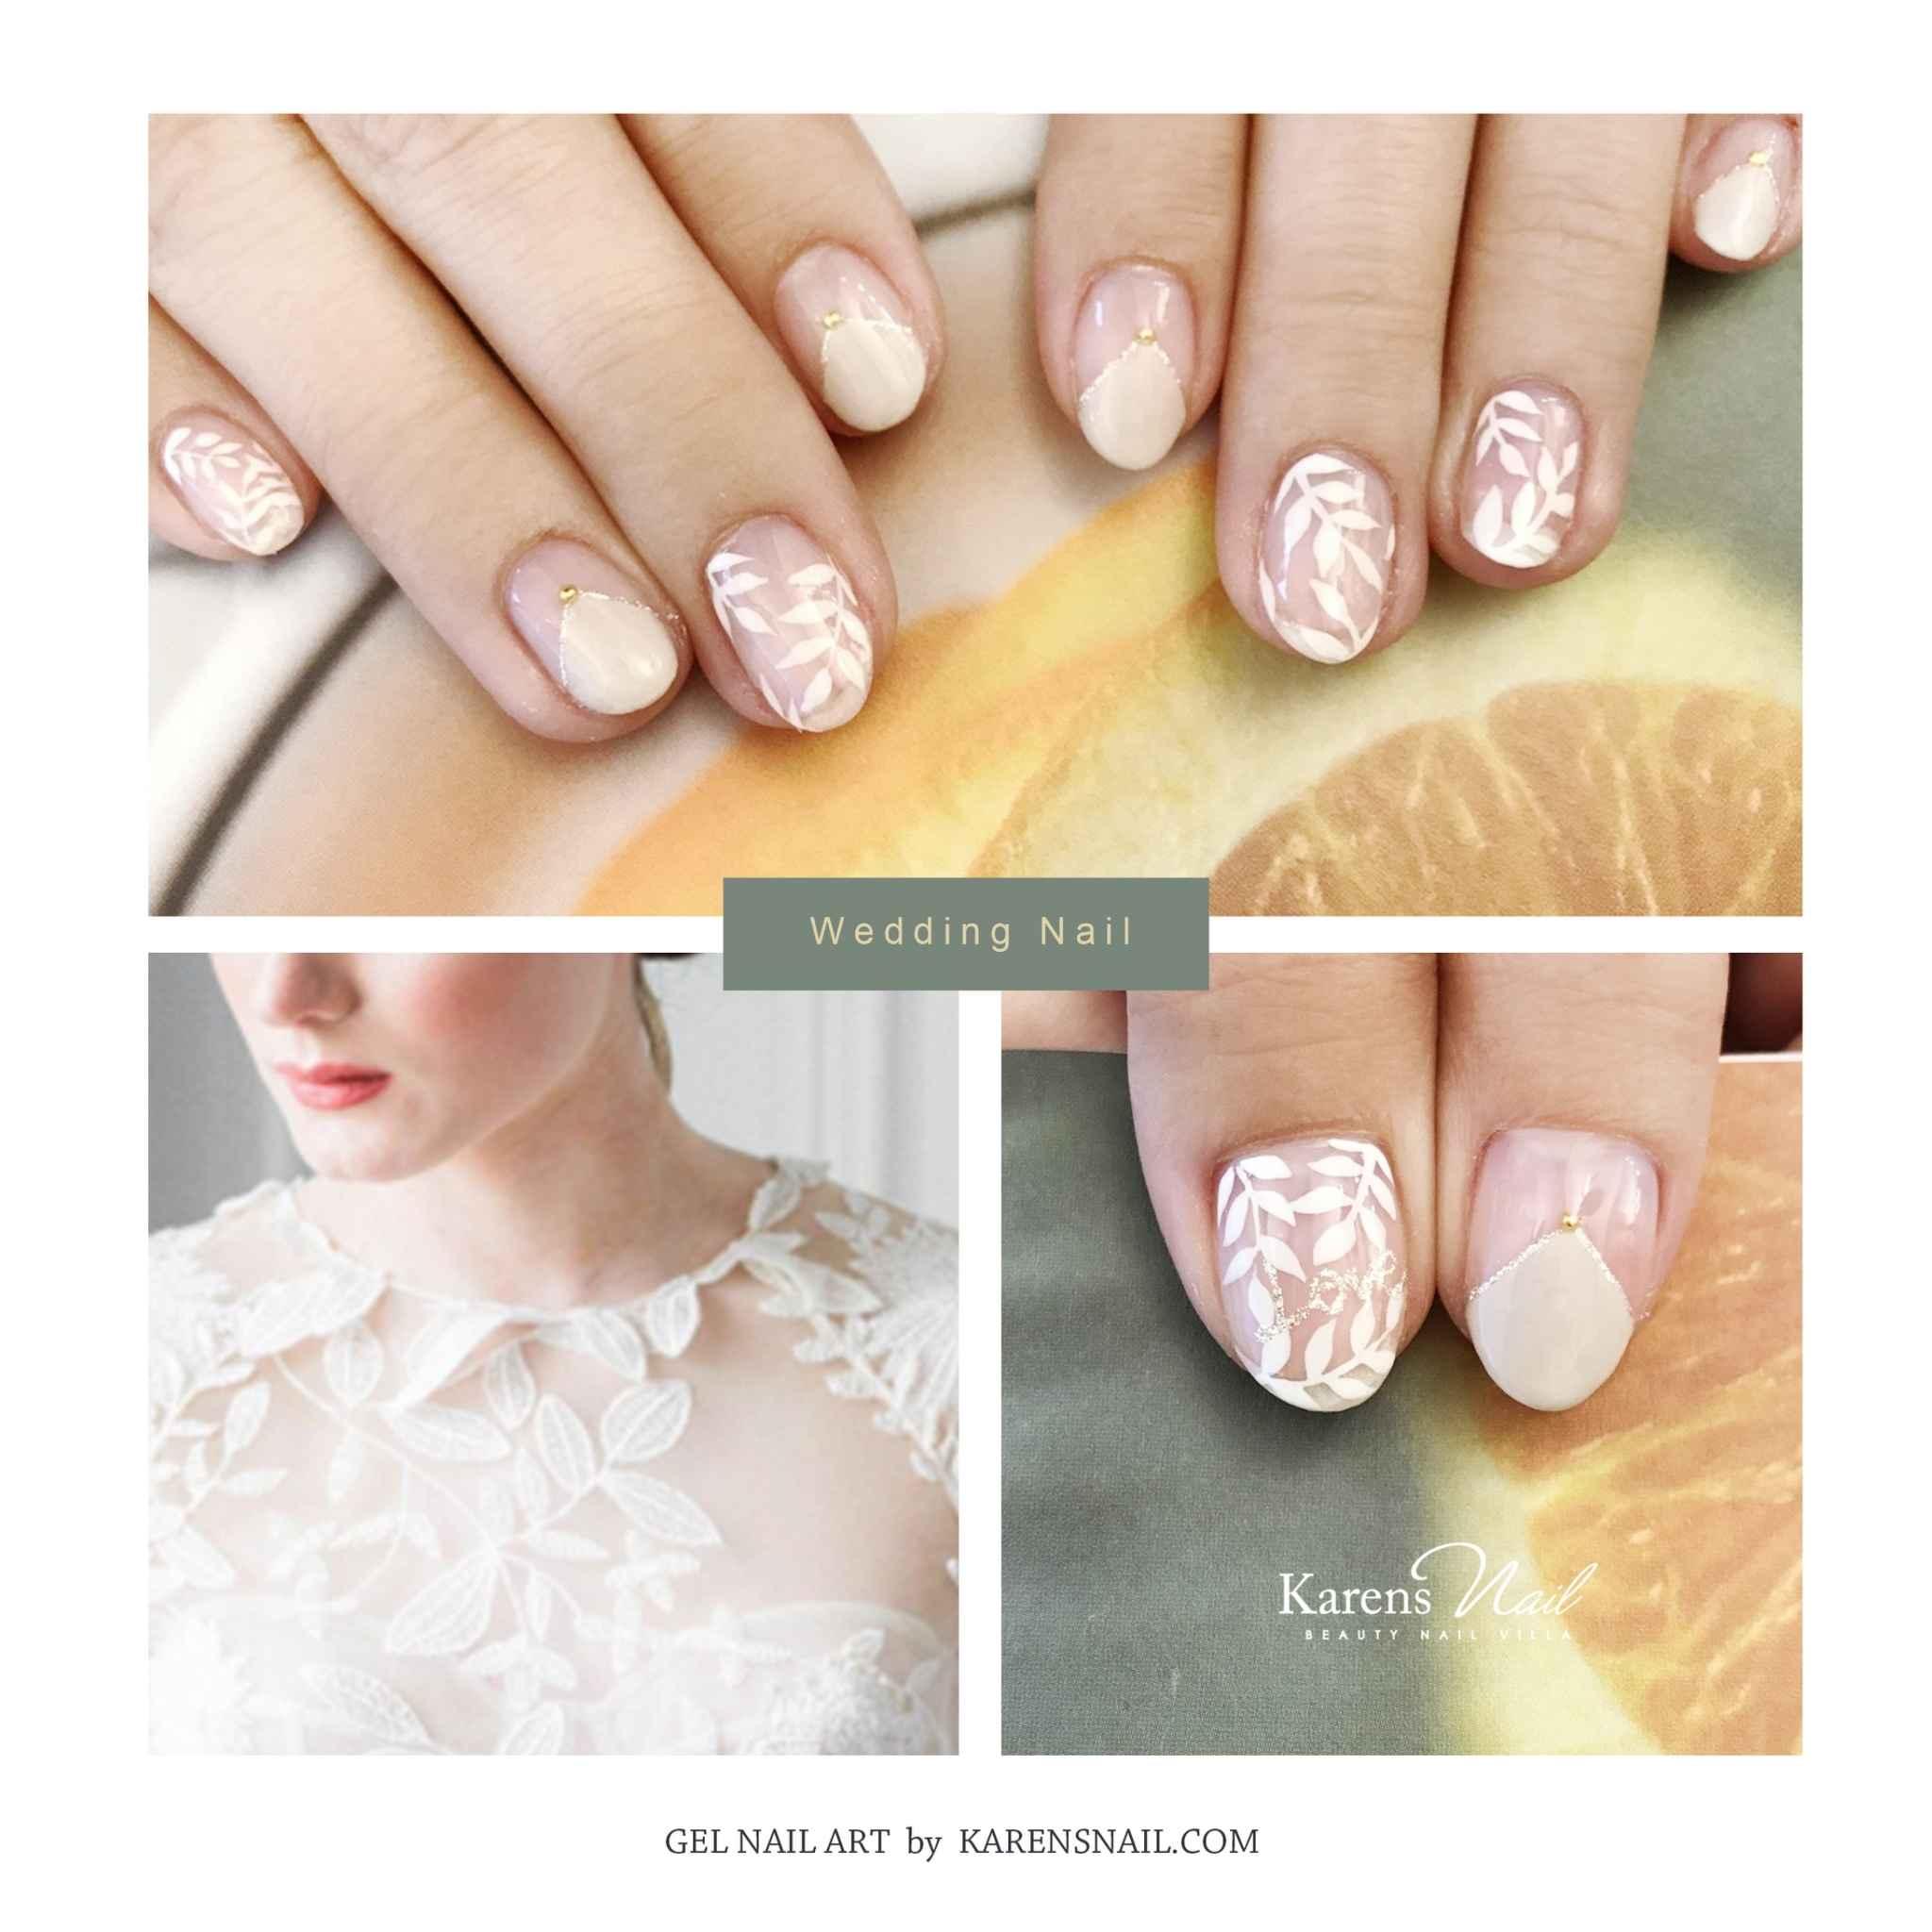 Karen's wedding nail。婚禮指甲/新娘指甲。特輯。